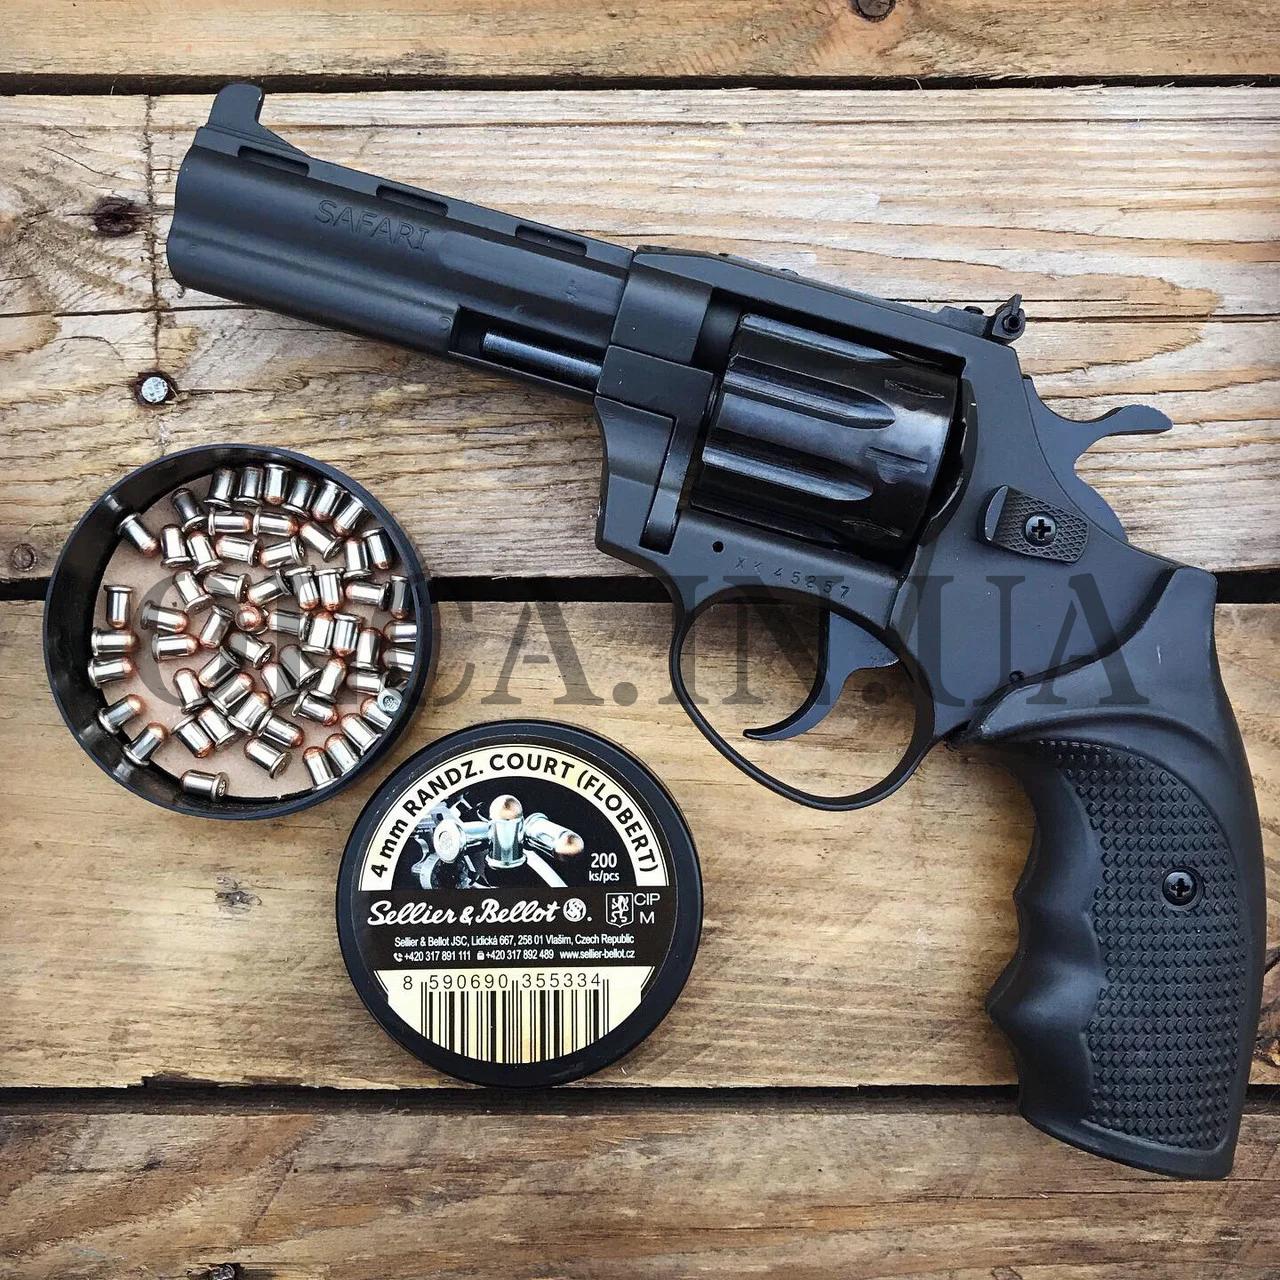 Револьвер ЛАТЭК Safari РФ-441М + 50 патронов флобер 4 мм (чер. пластик)